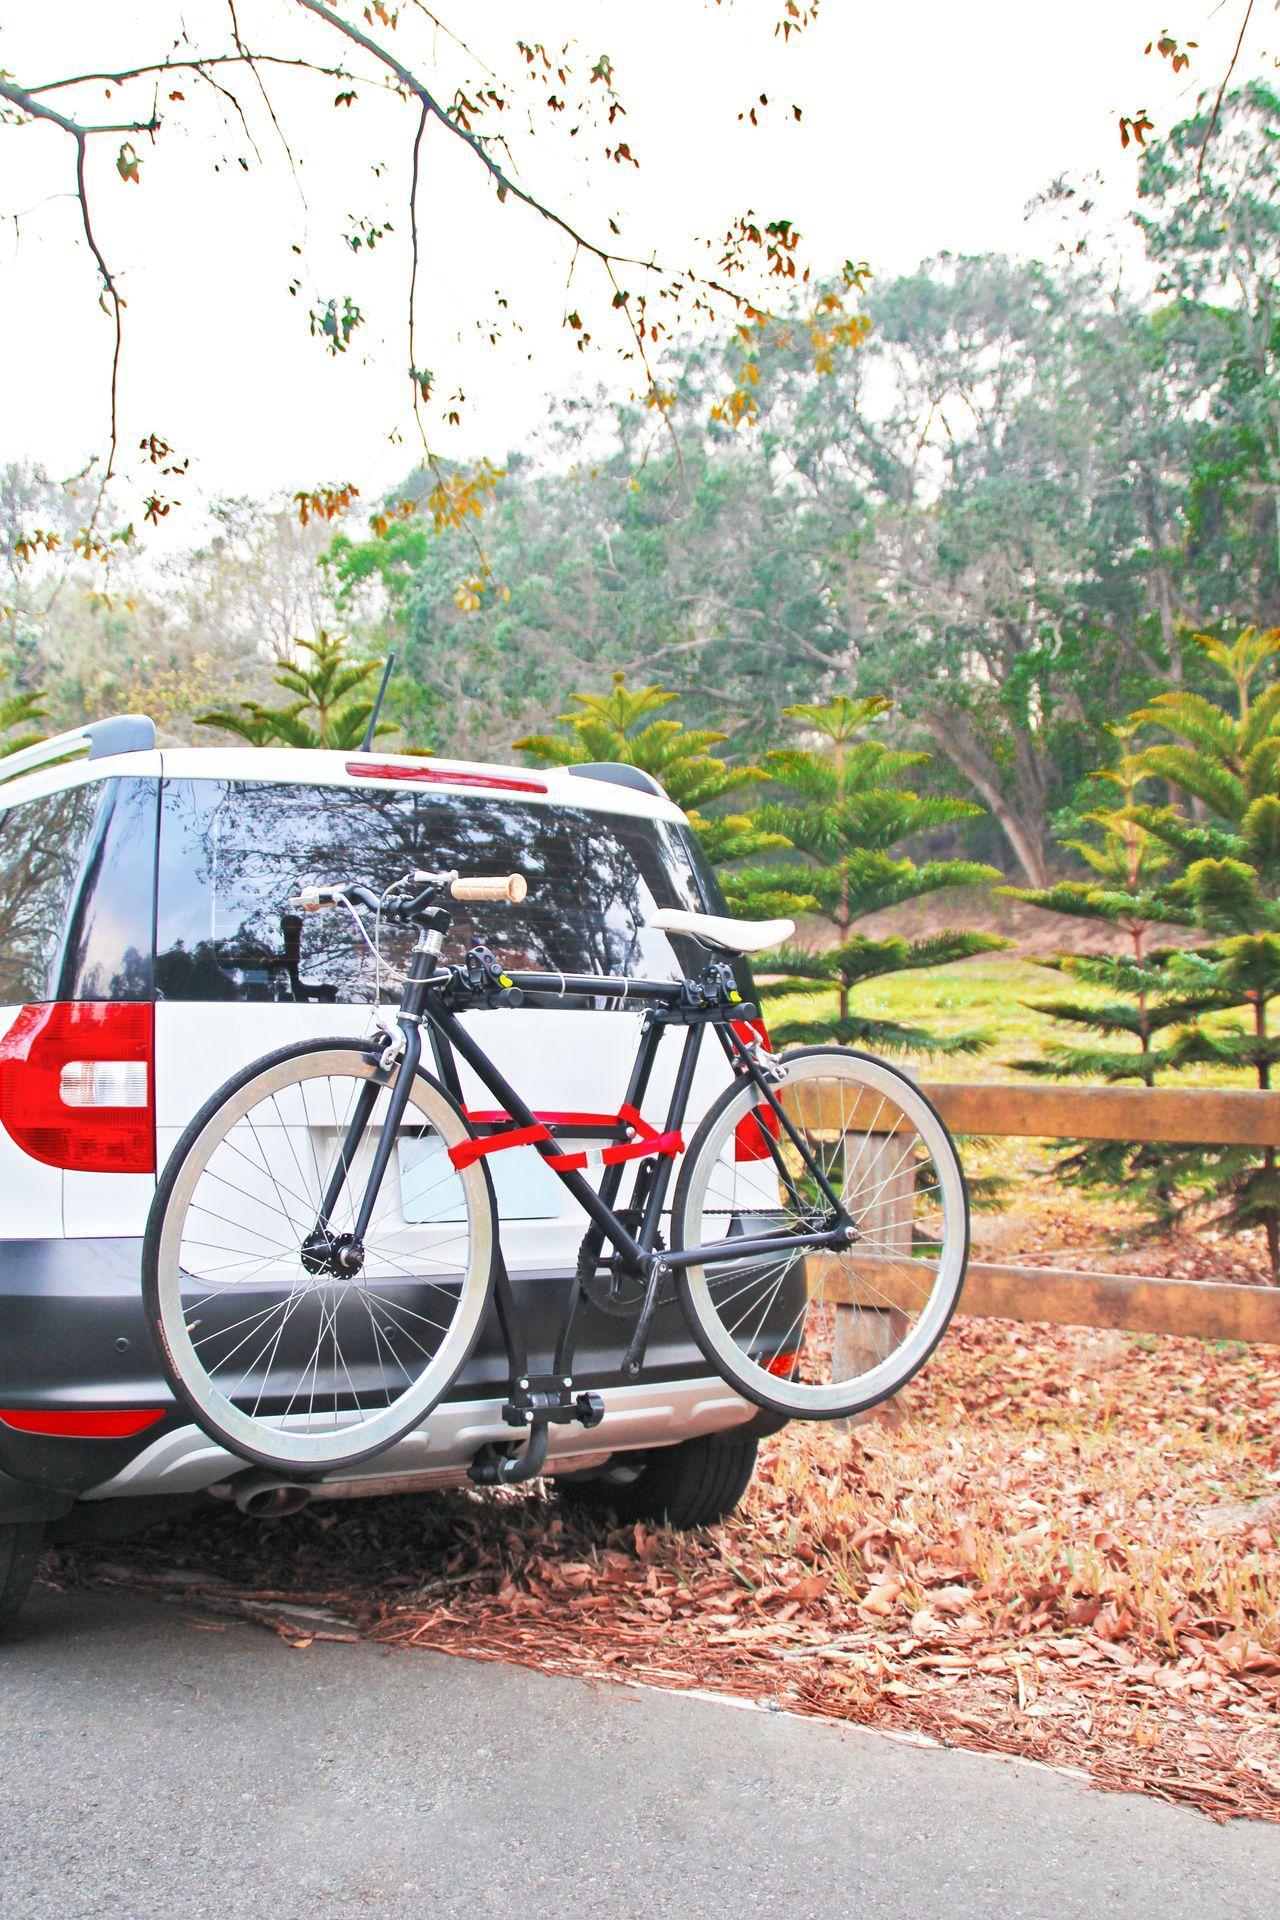 1002 BUZZ RACK Dispositivo de reboque, 4,8kg, 15kg Porta-bicicleta traseira 1002 comprar económica